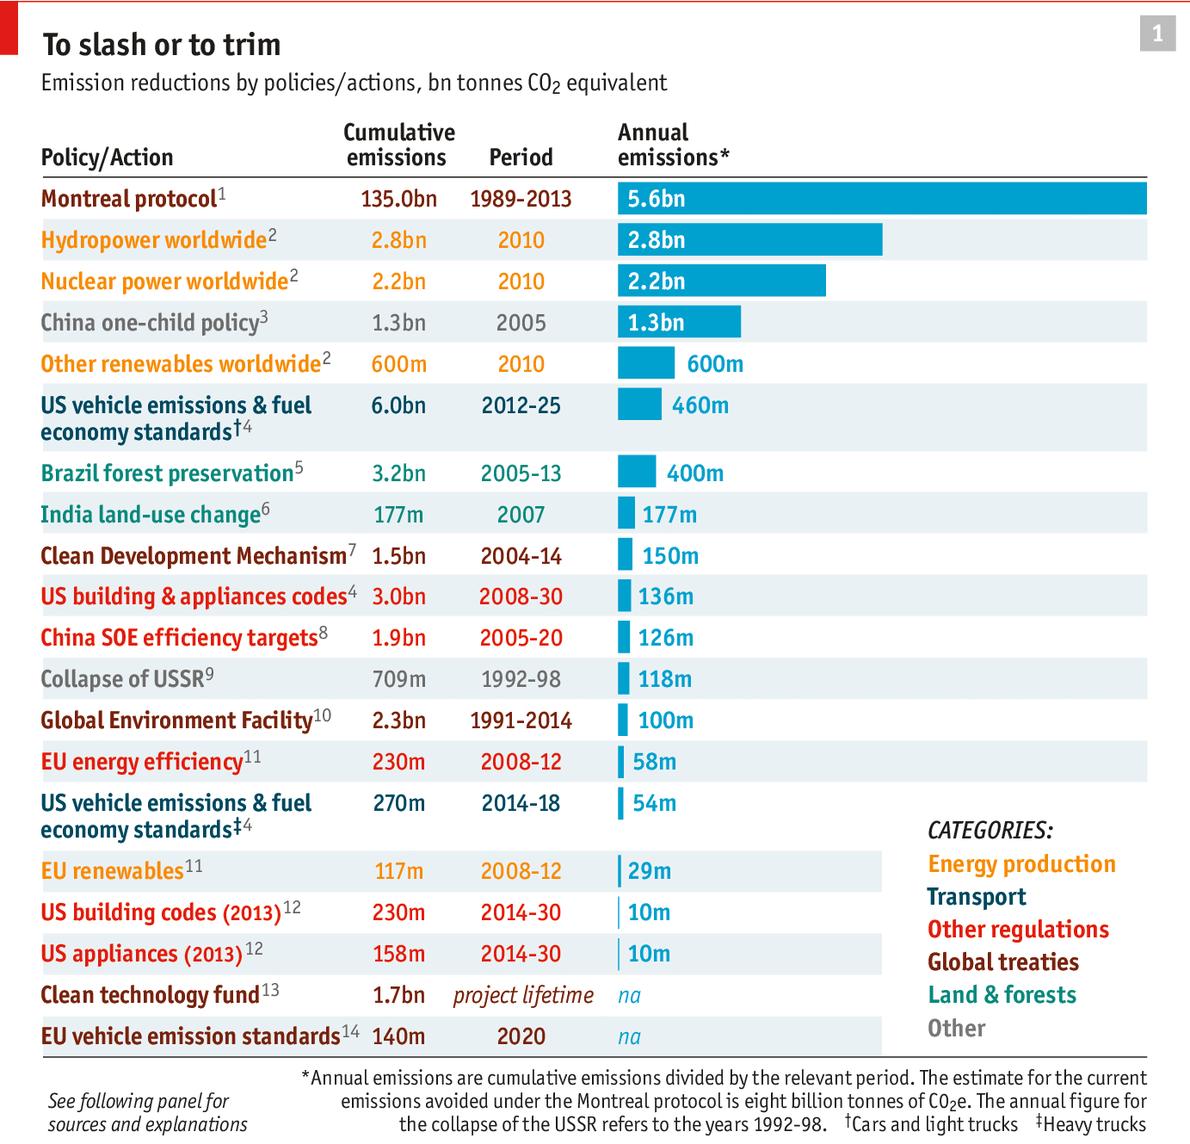 20 bästa utsläppsåtgärderna enligt The Economist